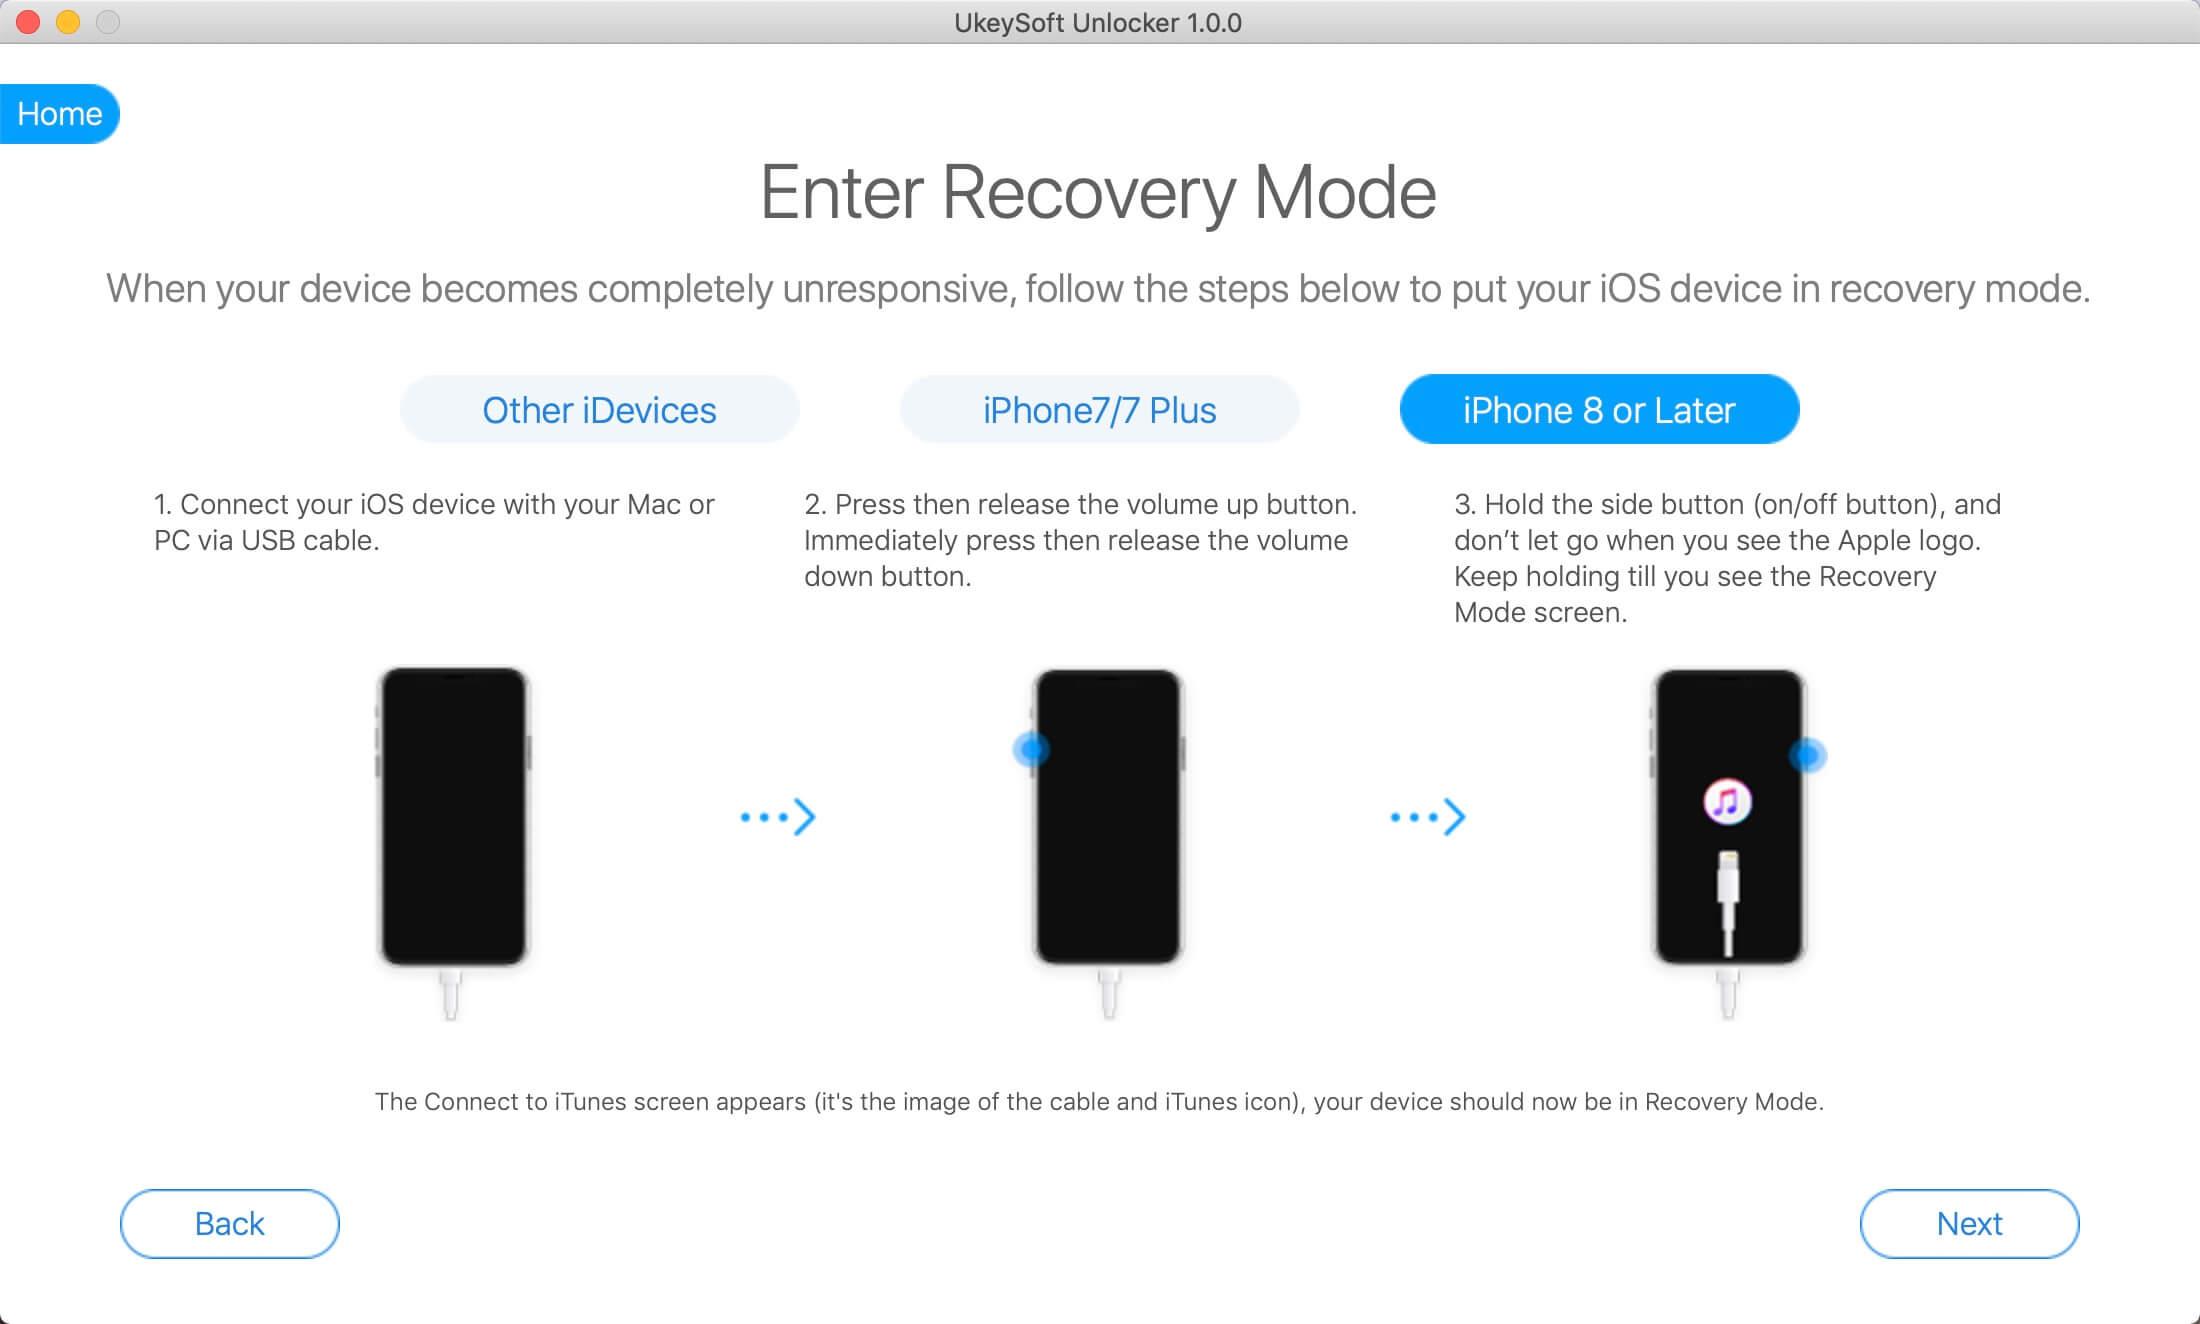 перевести iPod touch в режим восстановления